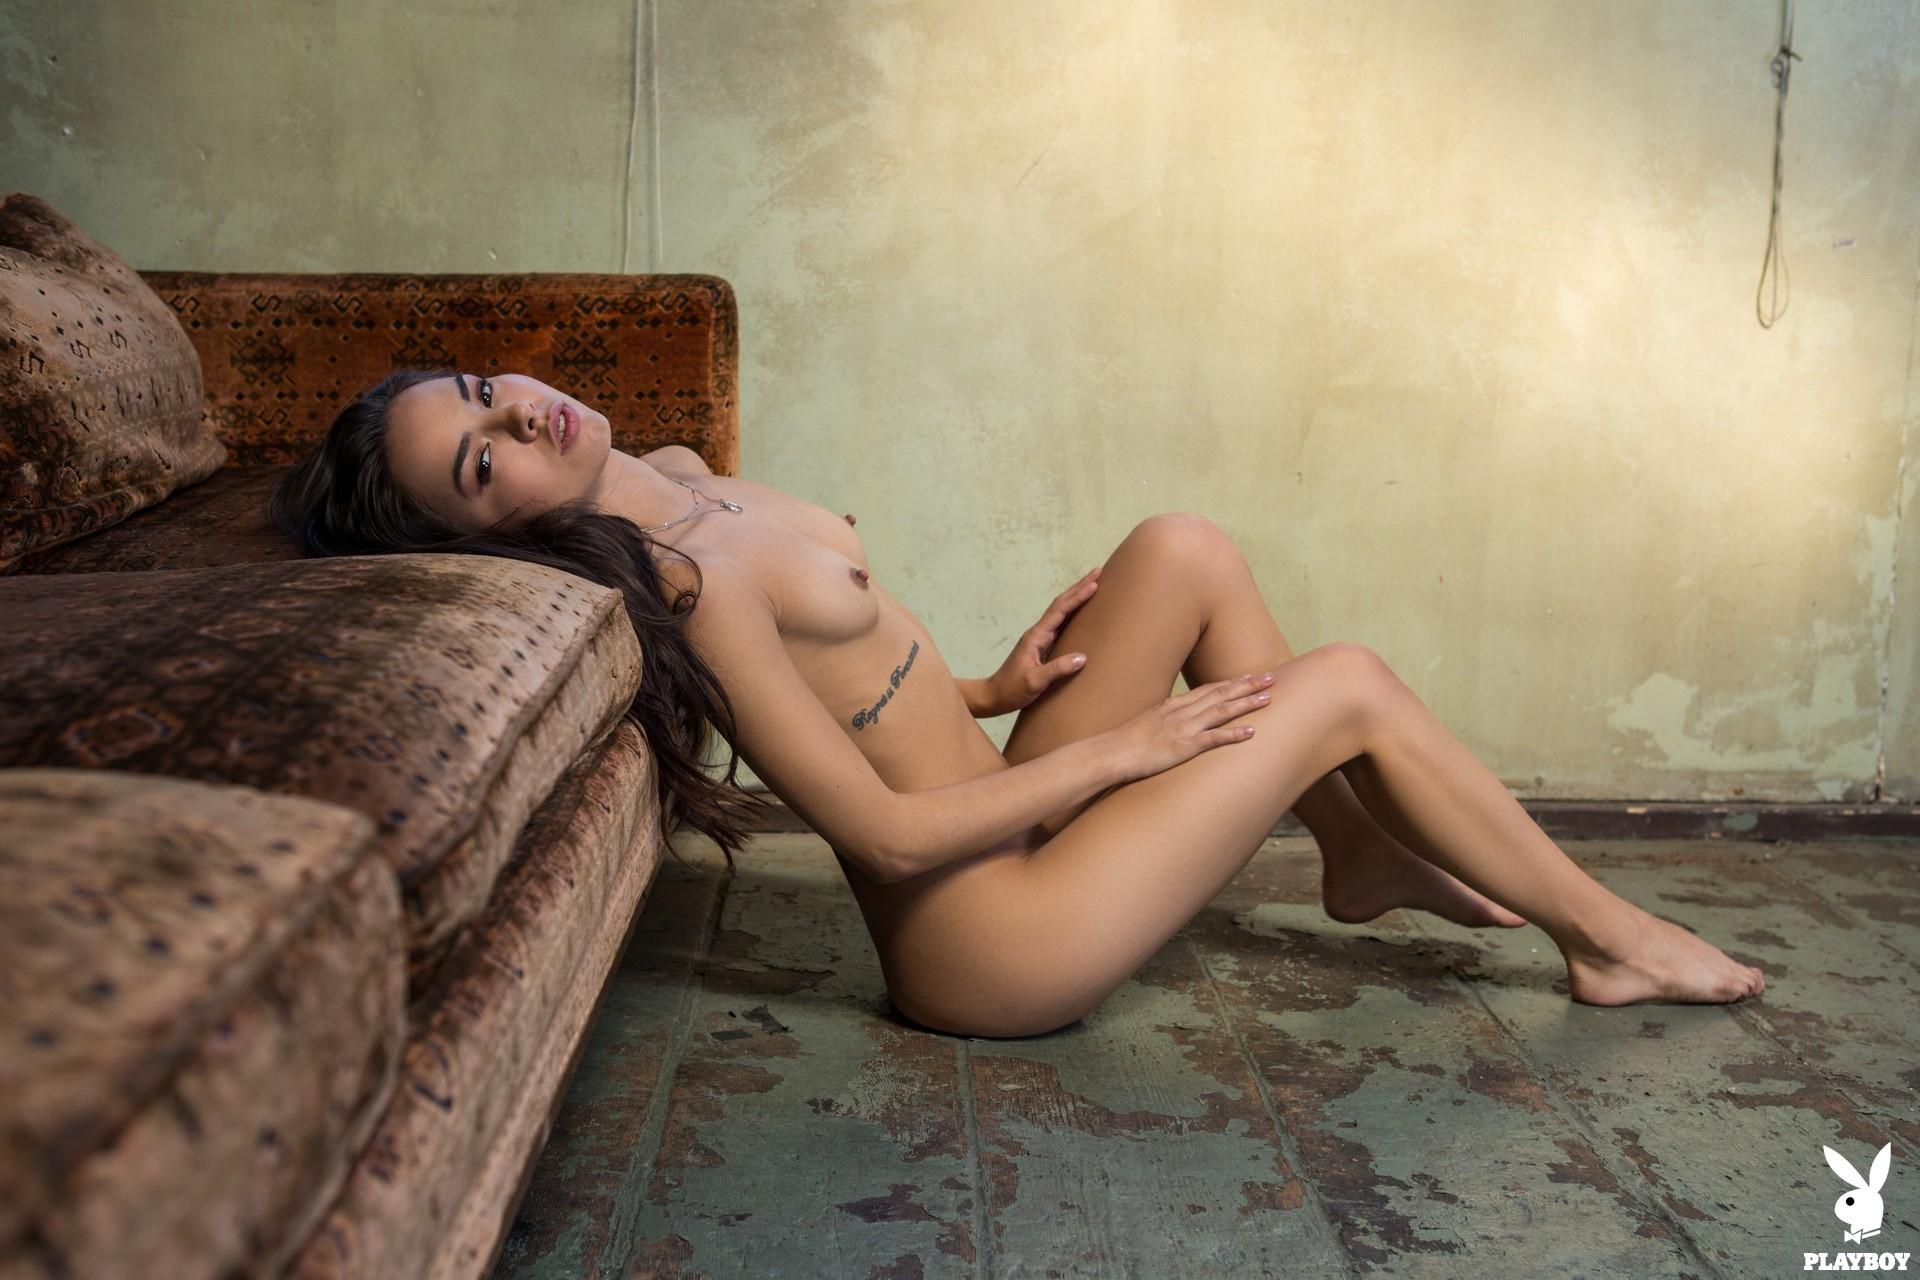 Dominique Gabrielle in Rustic Seduction - Playboy Plus 15